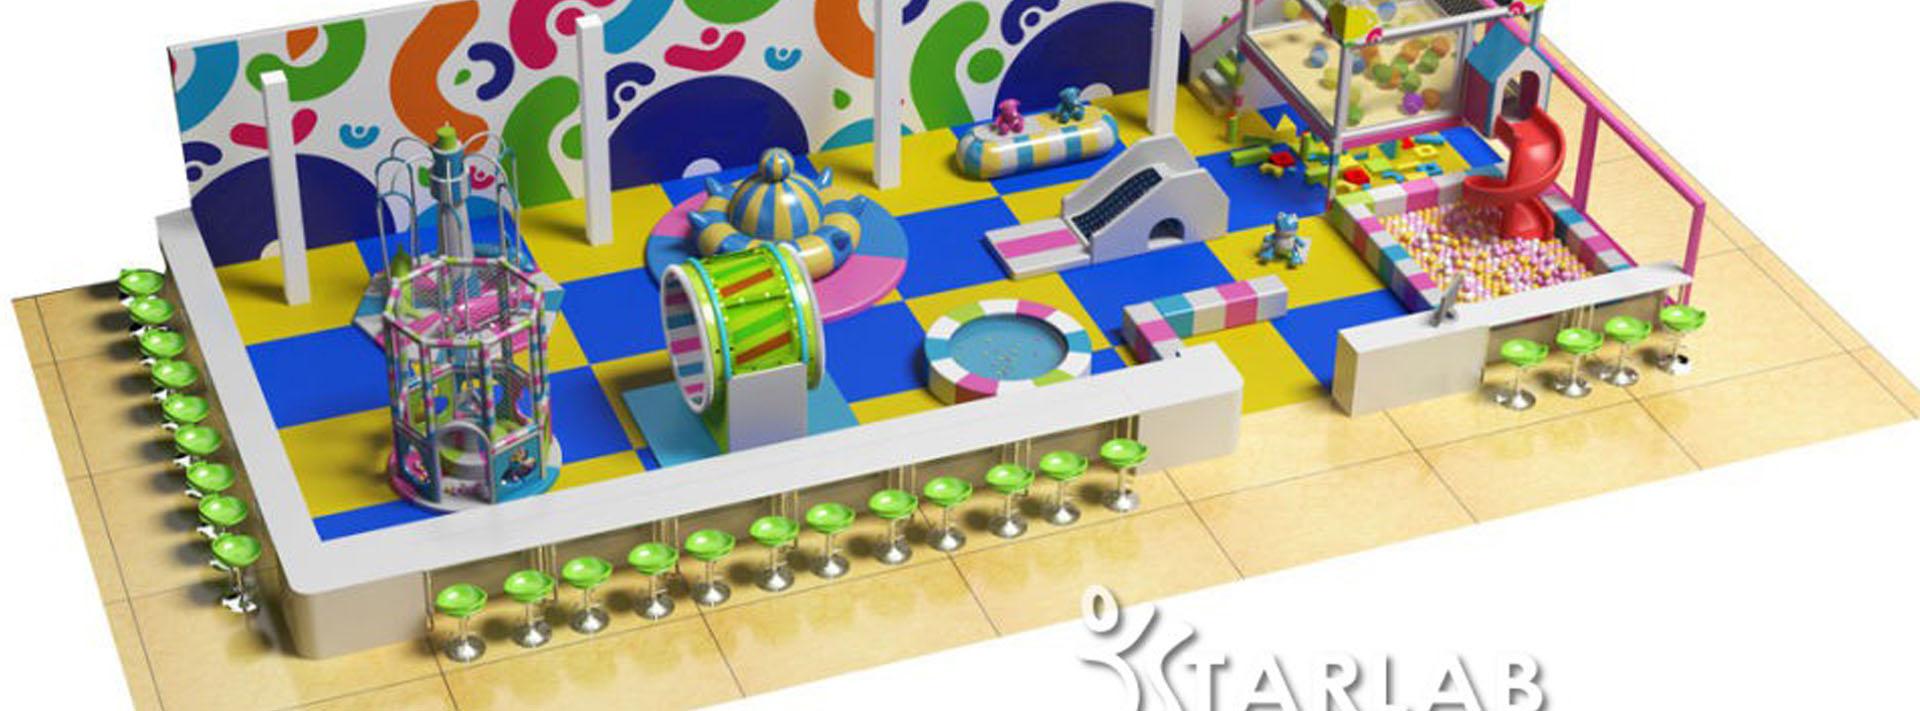 Progetti 3d esecutivi playzone italy for Progetti 3d